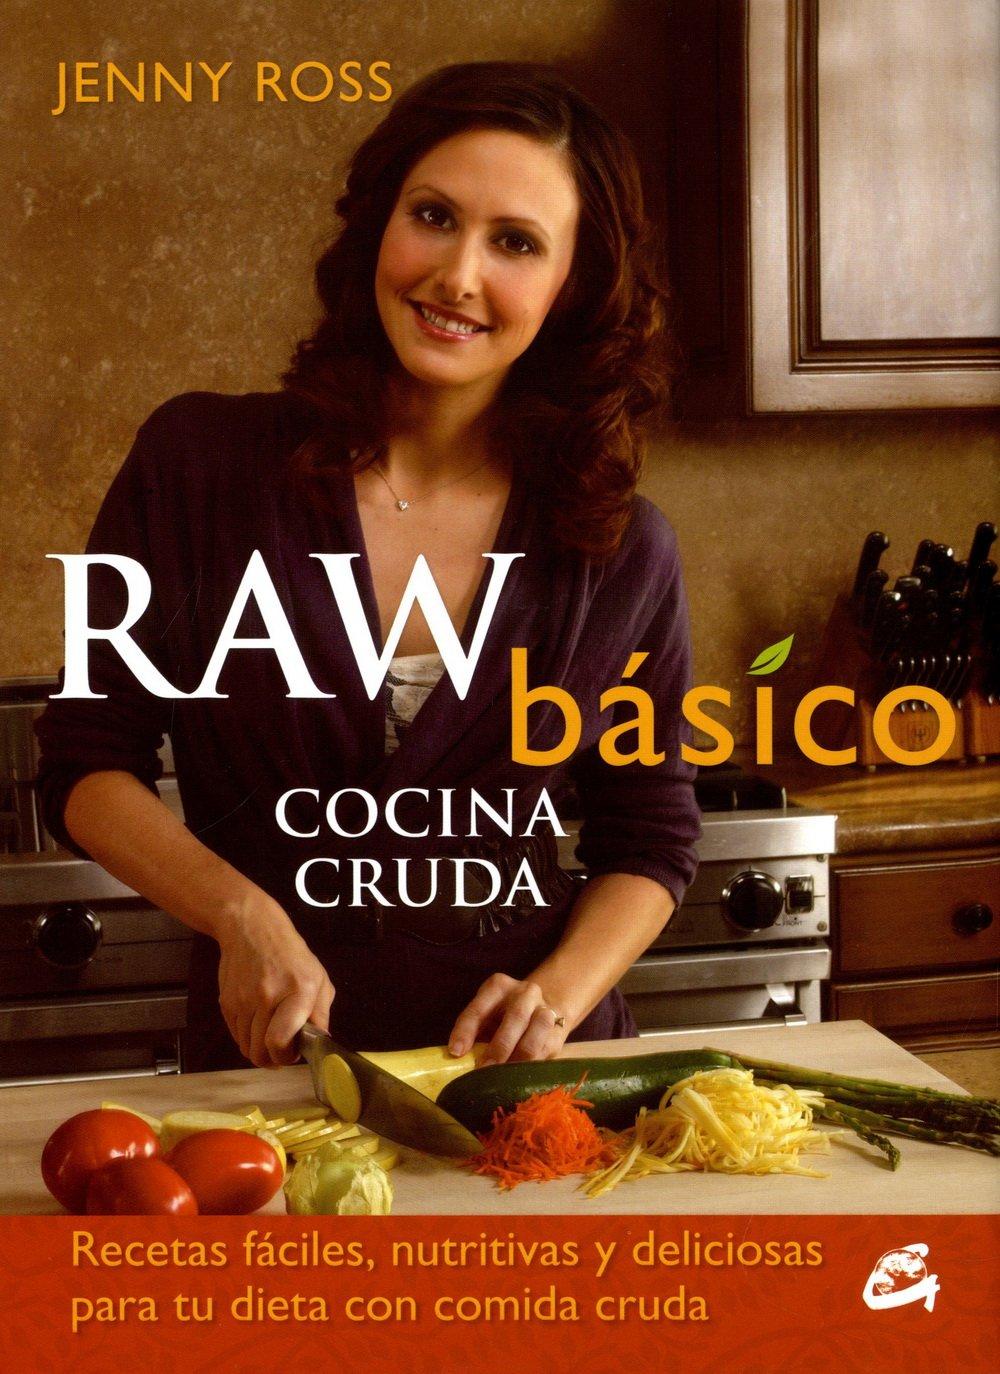 Recetas faciles, nutritivas y deliciosas para tu dieta con comida cruda (Spanish Edition): Jenny Ross: 9788484454144: Amazon.com: Books